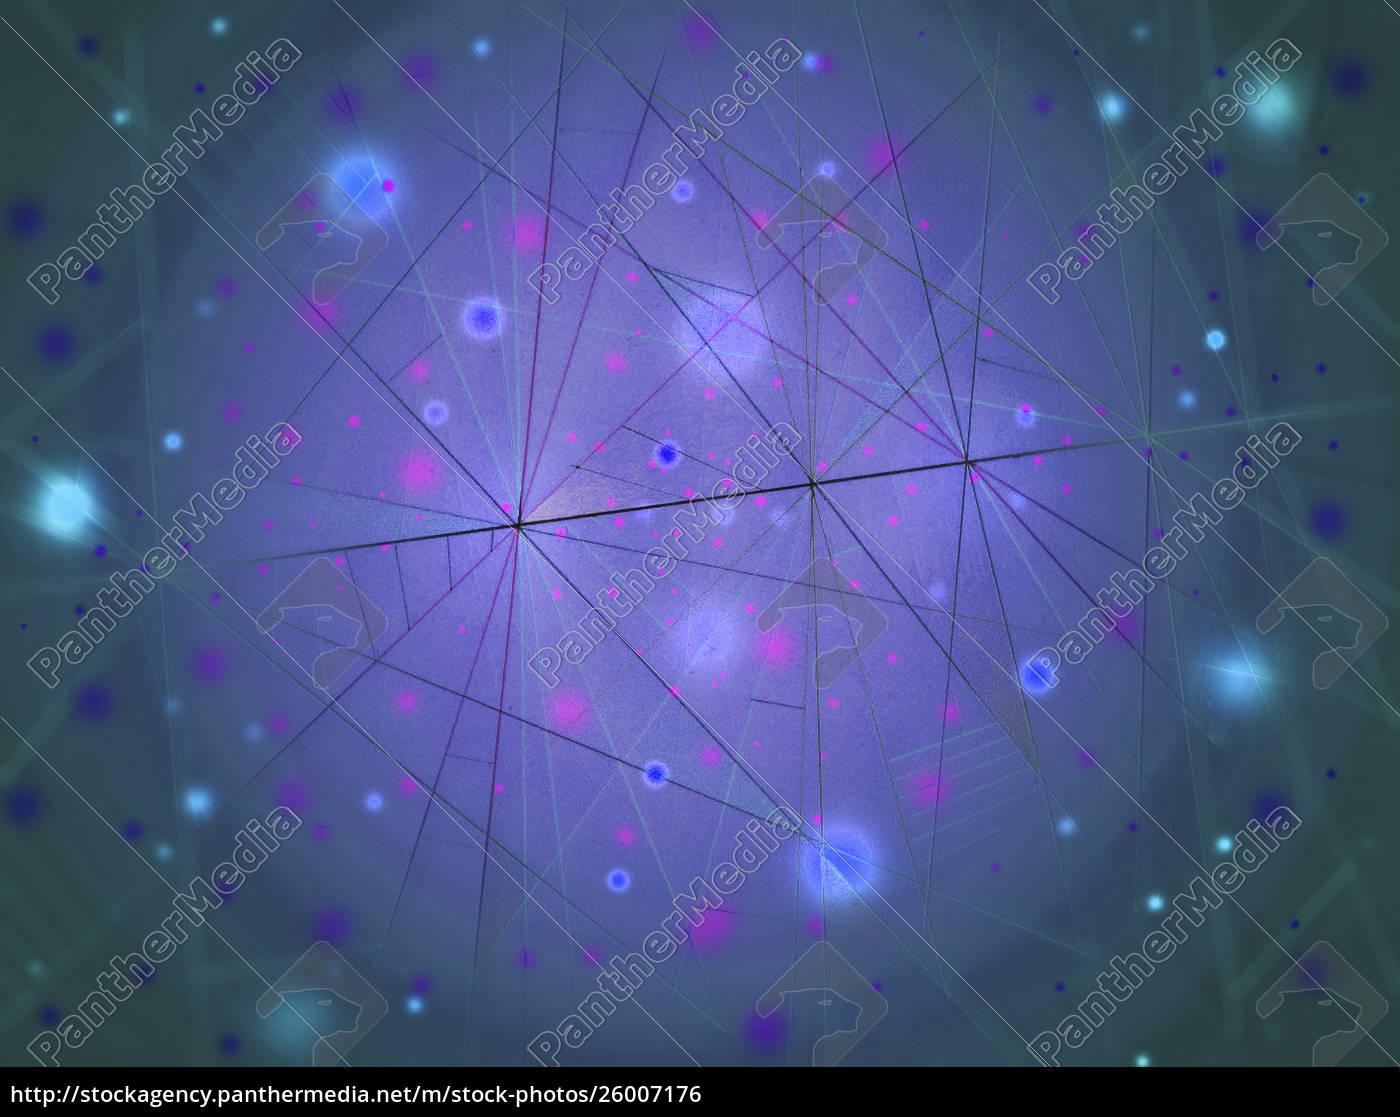 abstrakte, hintergründe, muster, von, glühenden, verschwommenen, punkten - 26007176